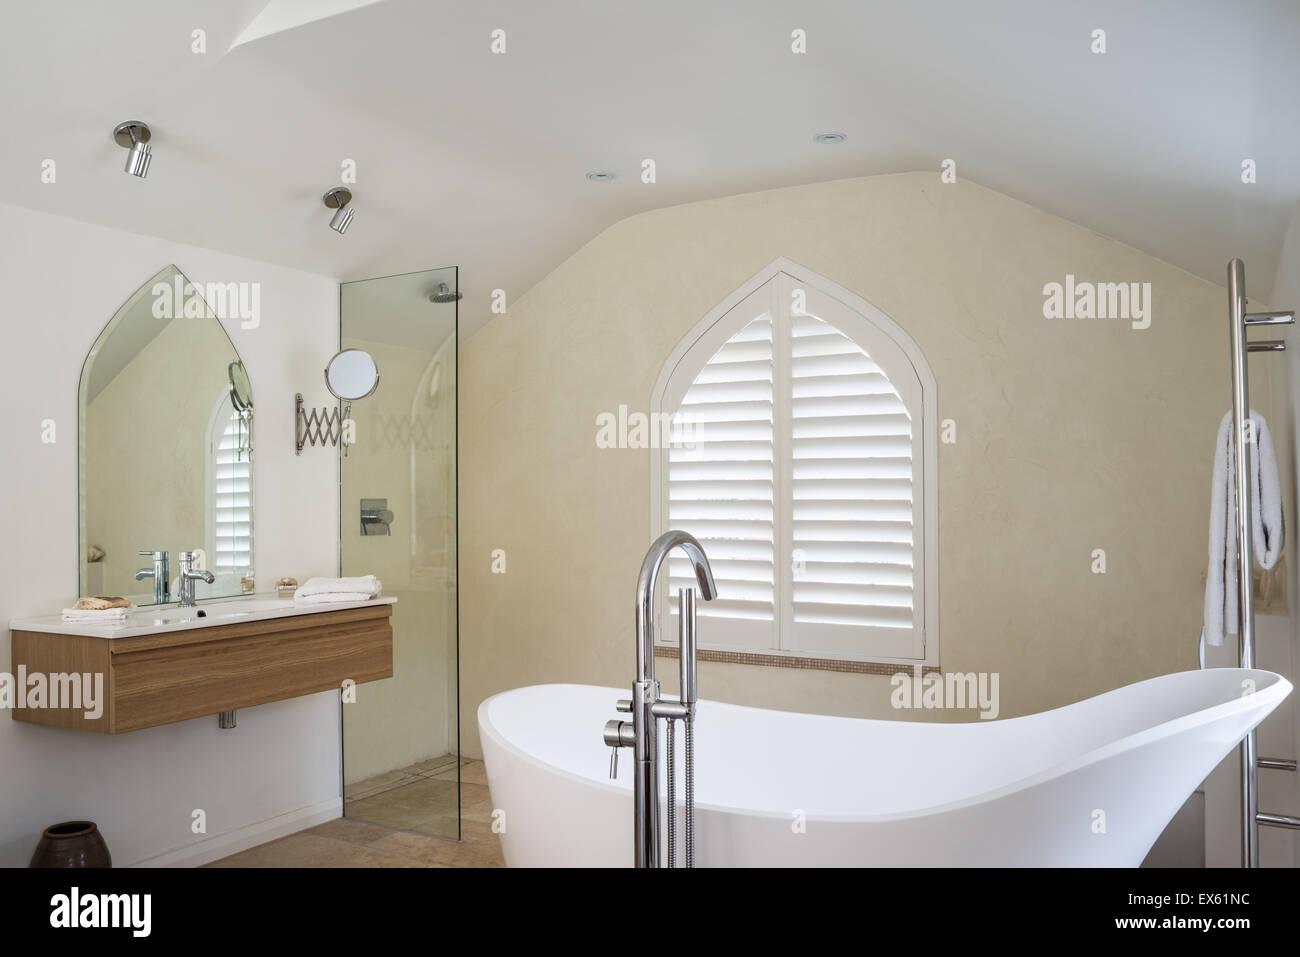 Loft-Stil Schlafzimmer / Badezimmer mit Holzbalken Decke und ...